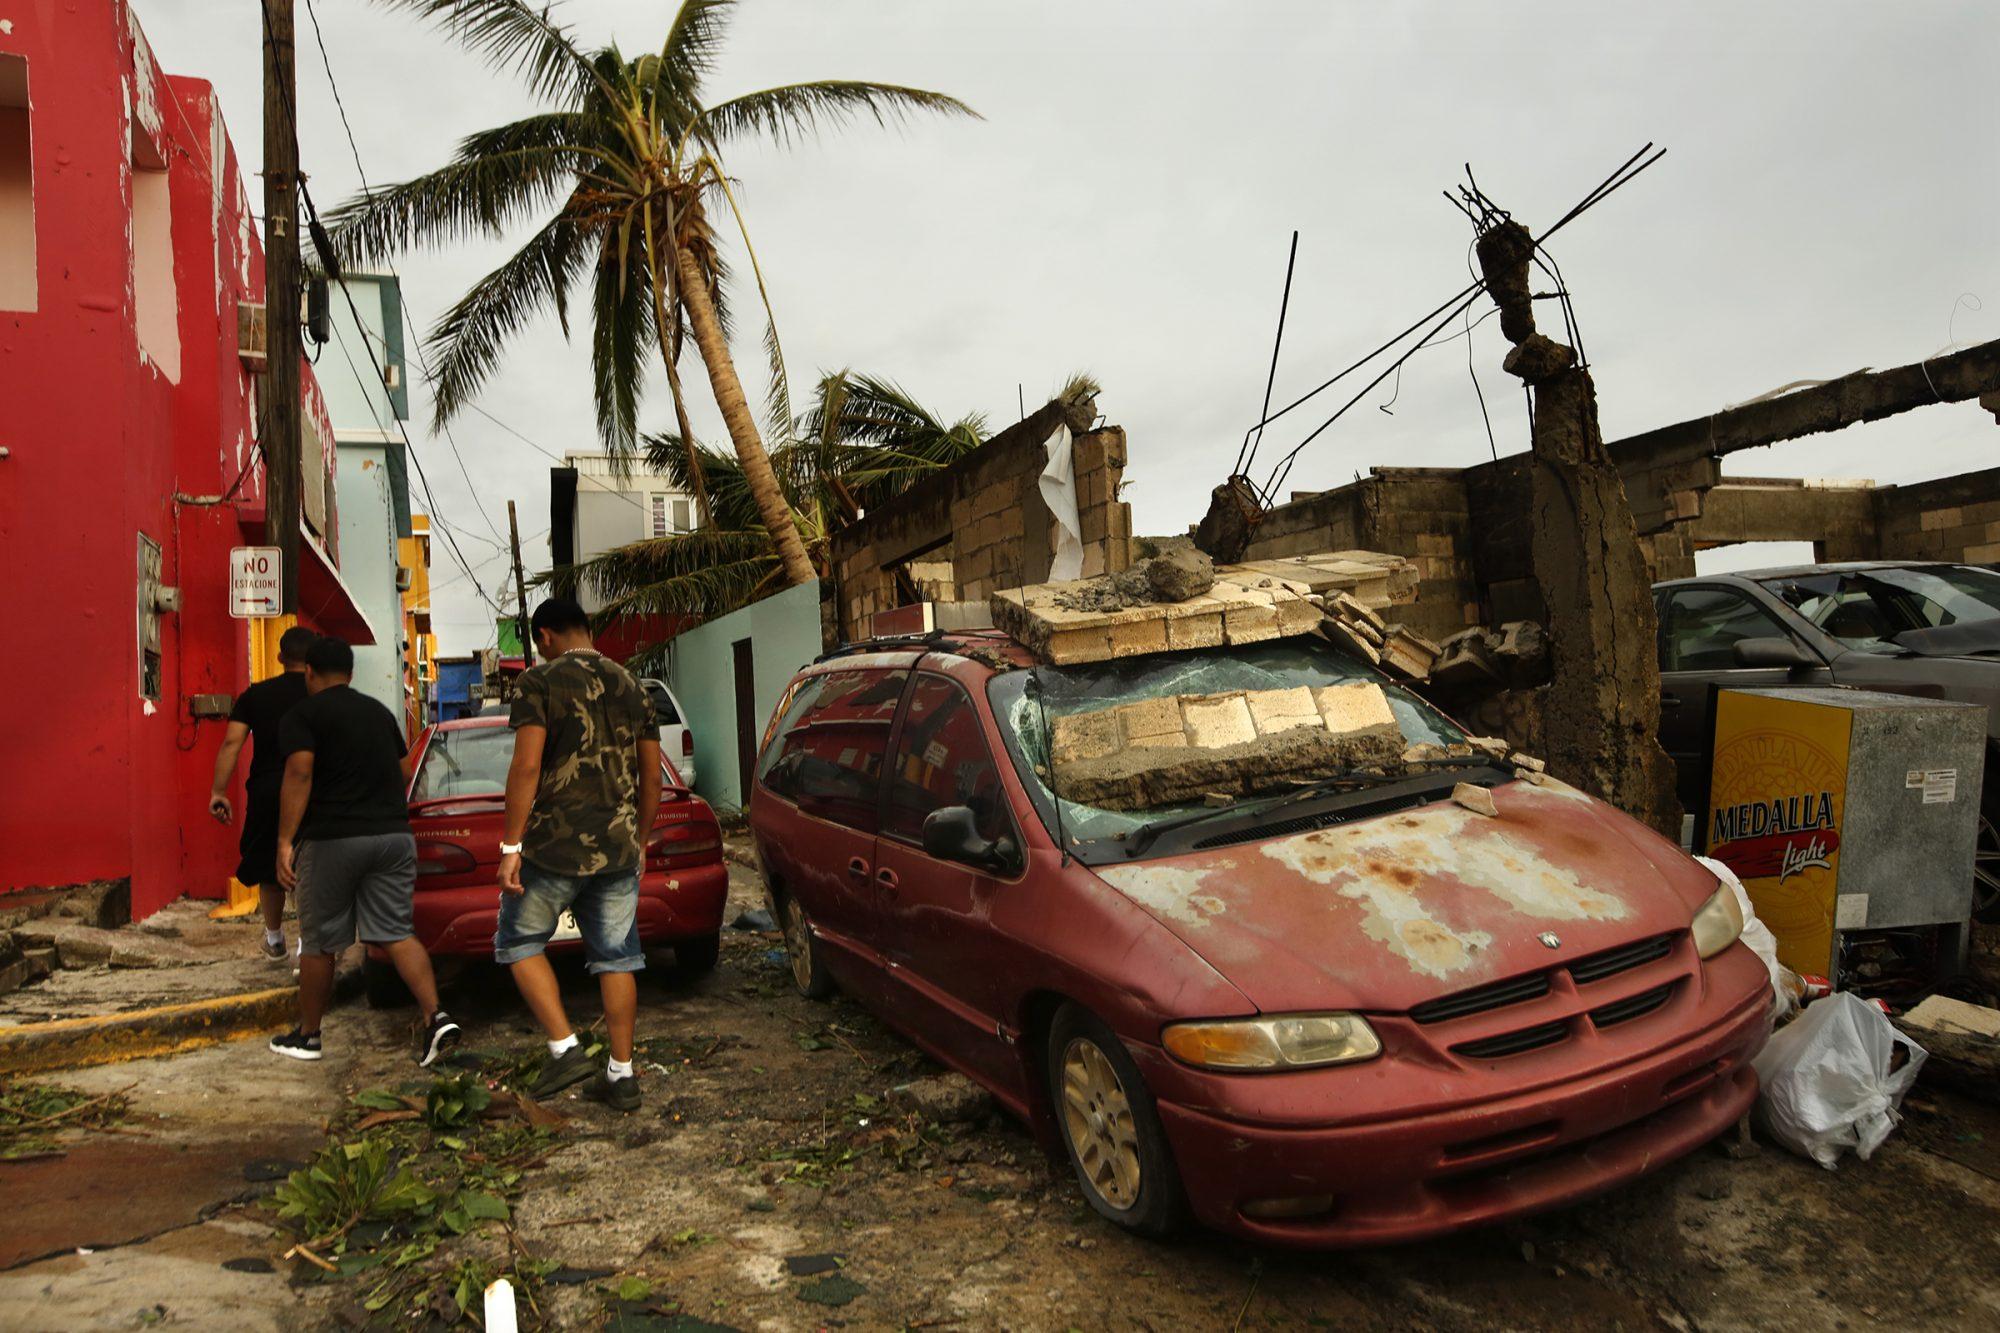 barrio-la-perla-puerto-rico-despacito-3x.jpg